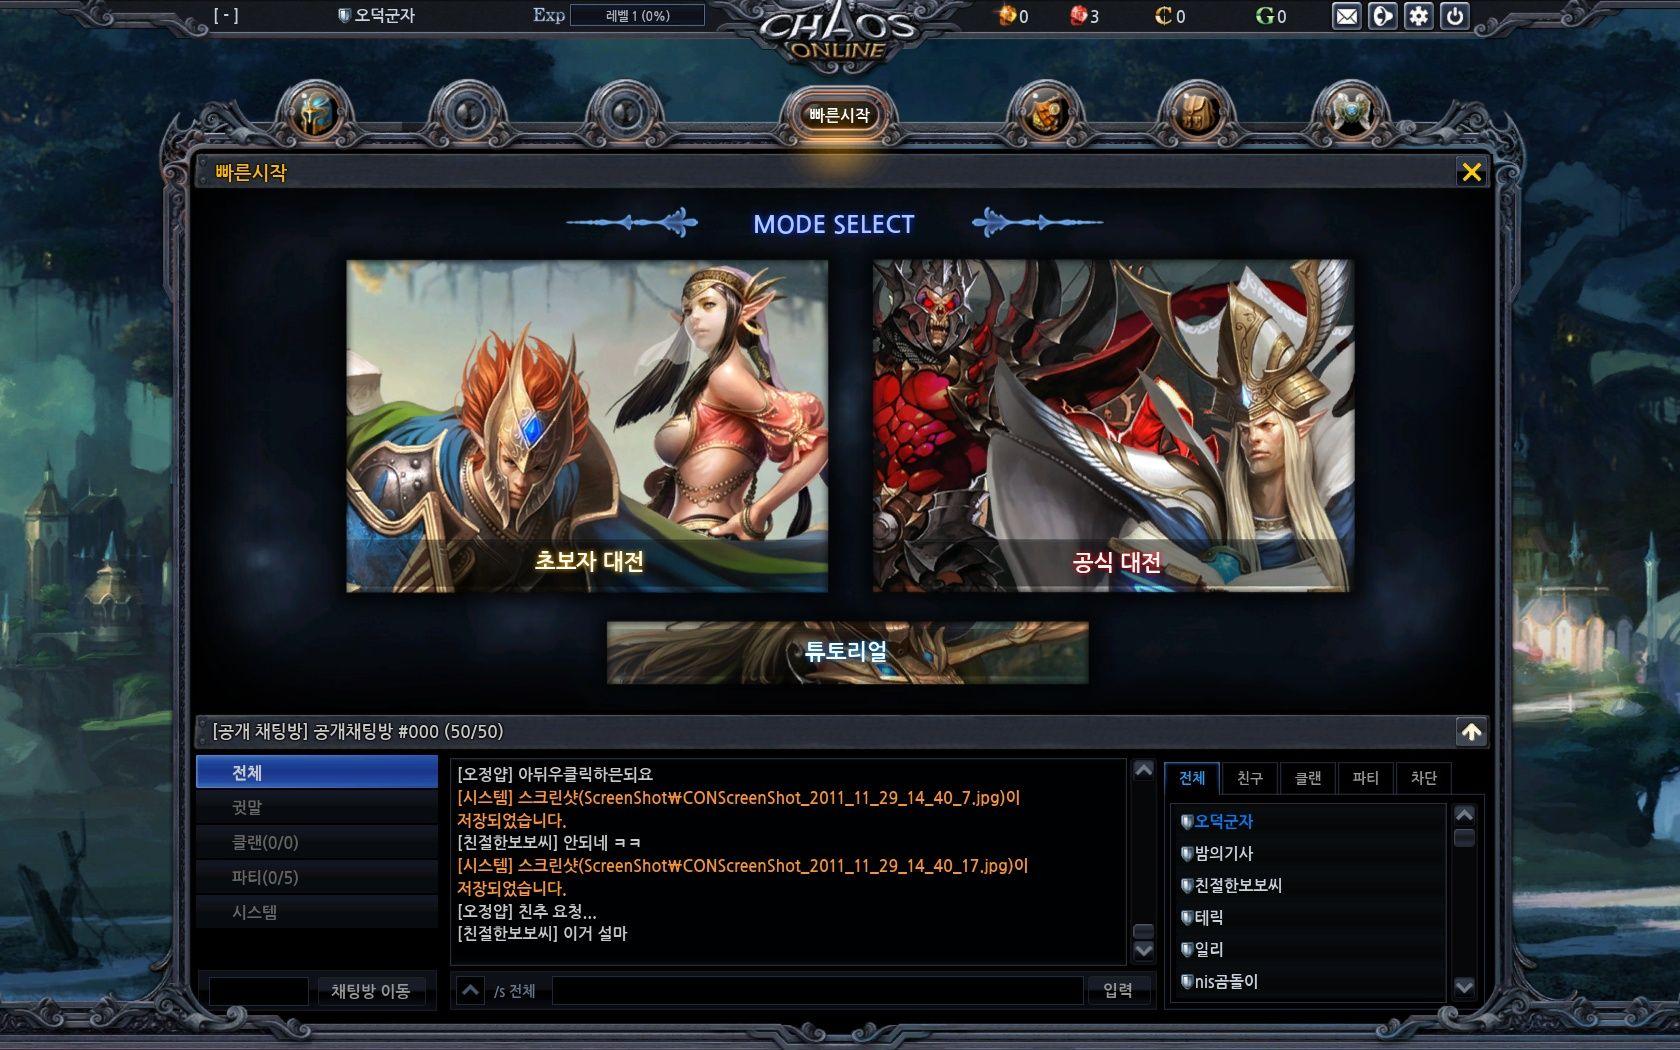 [게임 UI] 카오스 온라인 : 네이버 블로그